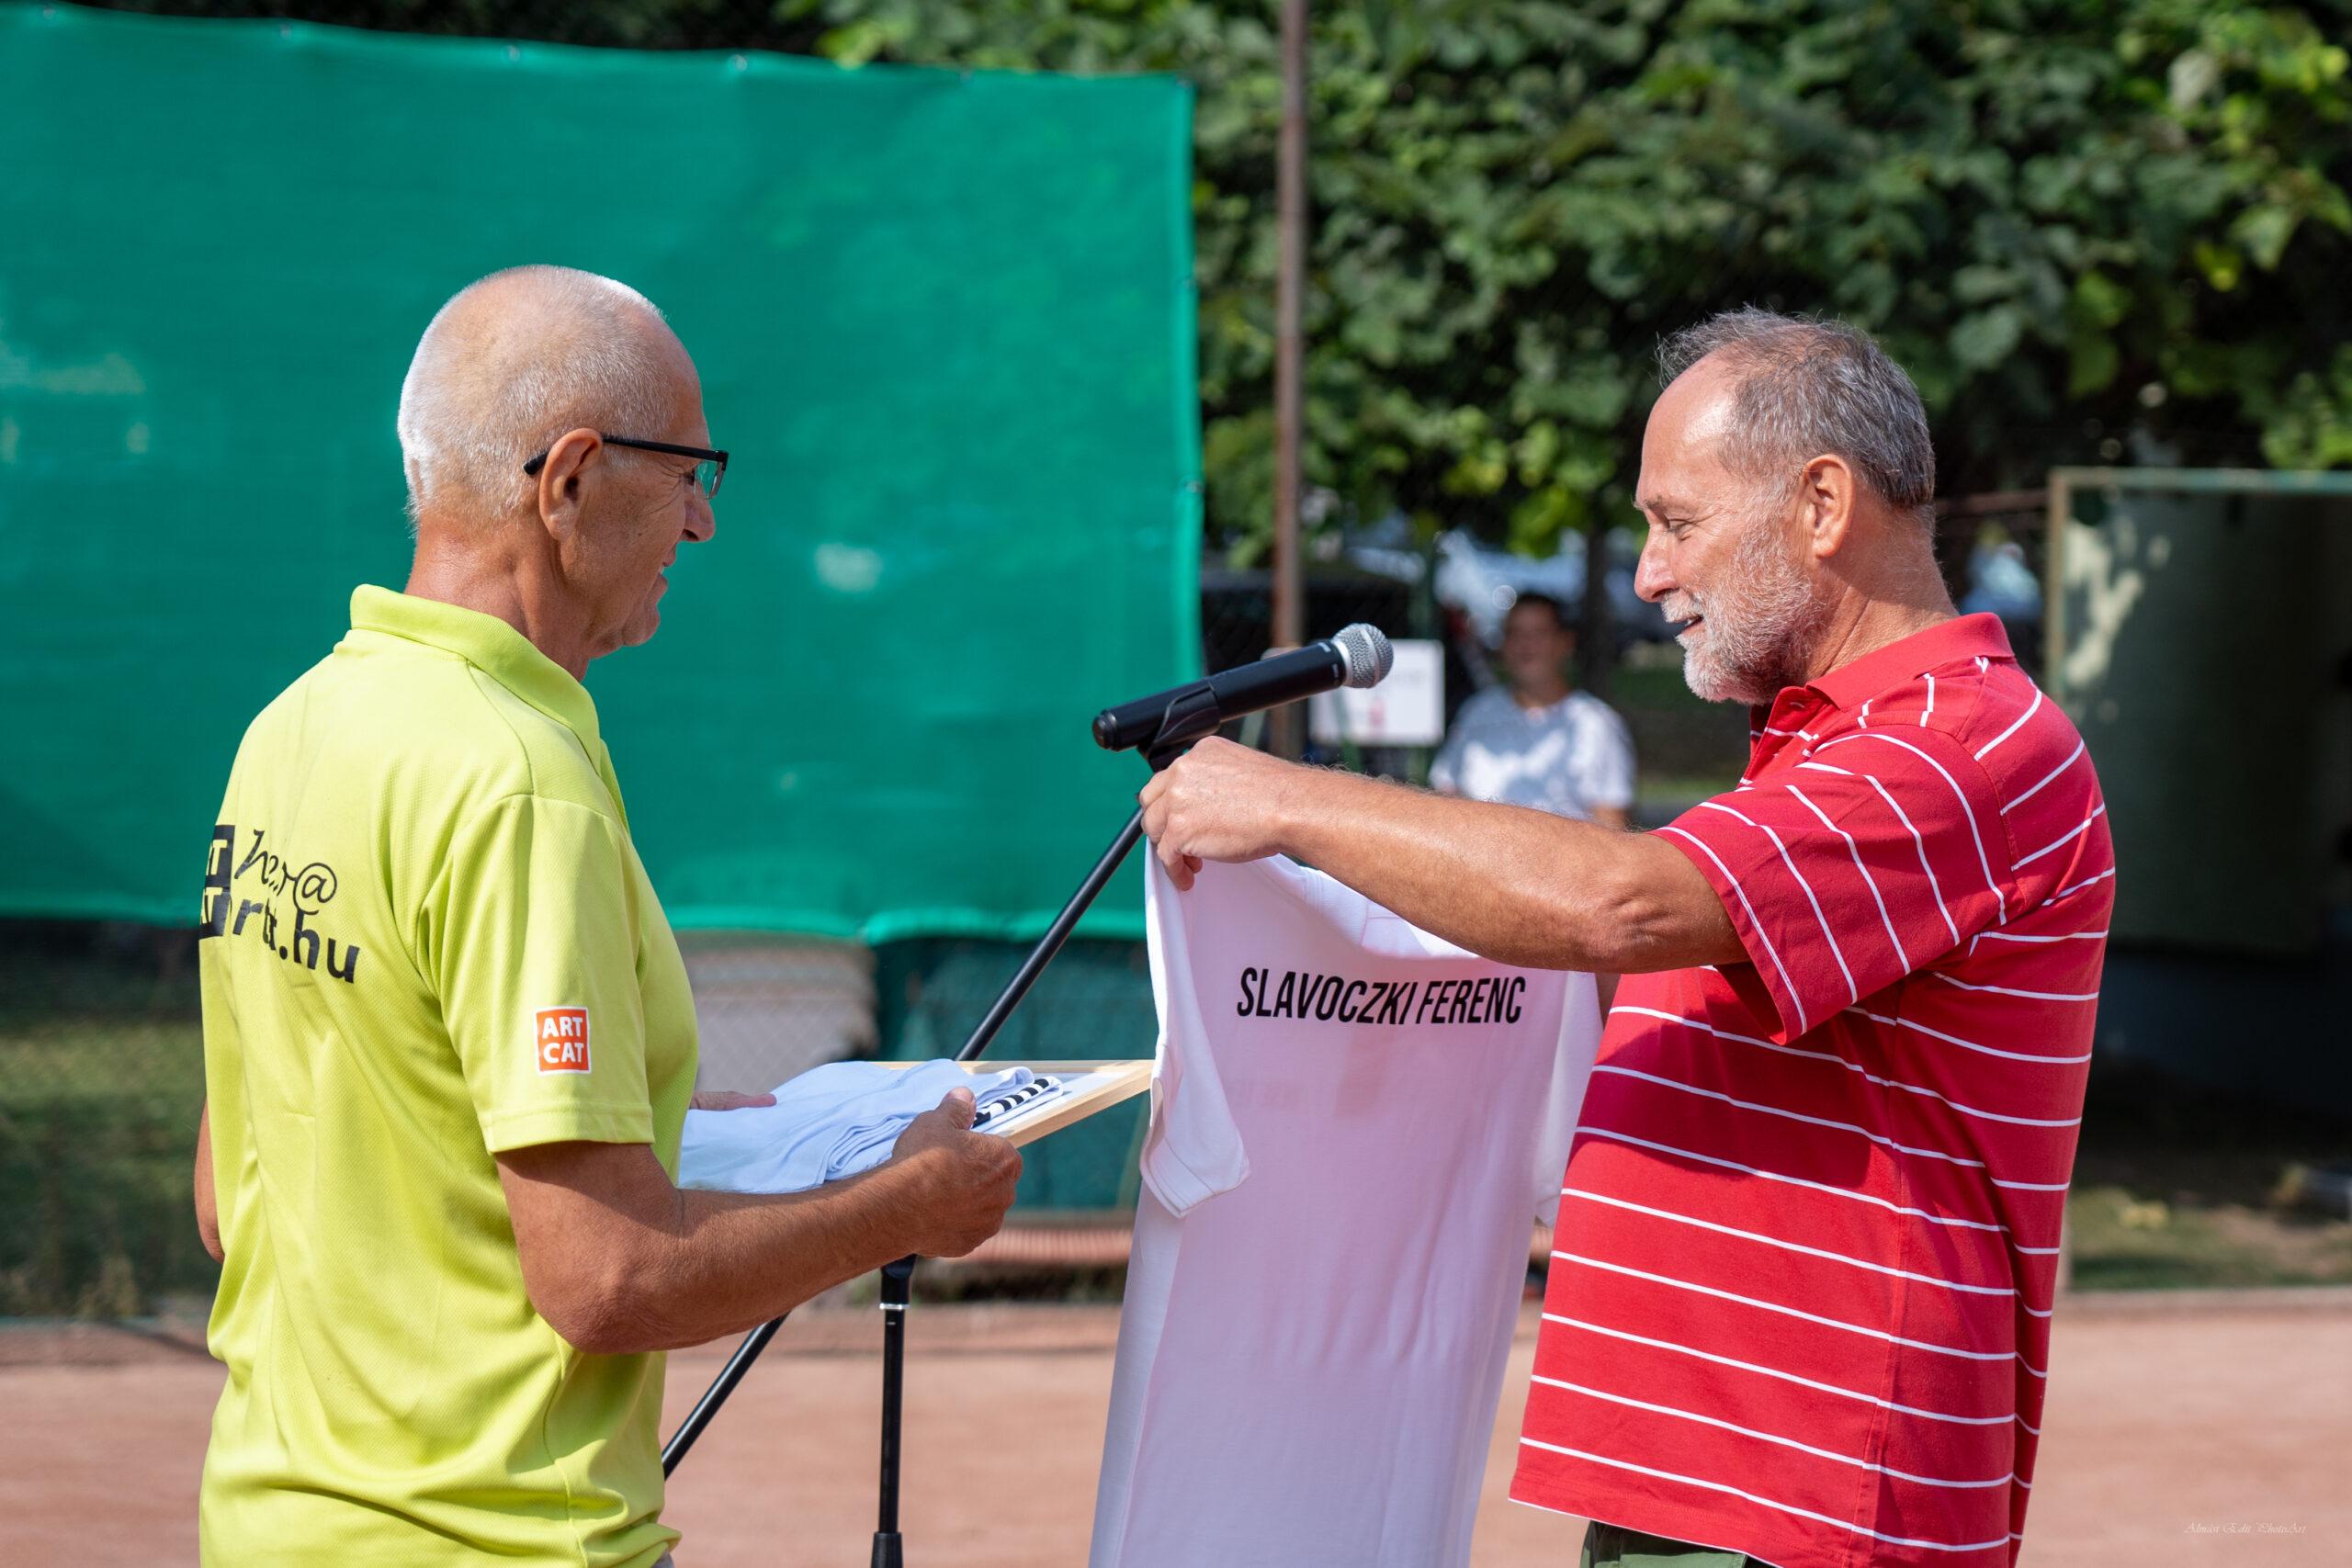 Korosztályos bajnok is kikerült a teniszedző kezei közül – interjú Slavóczki Ferenccel